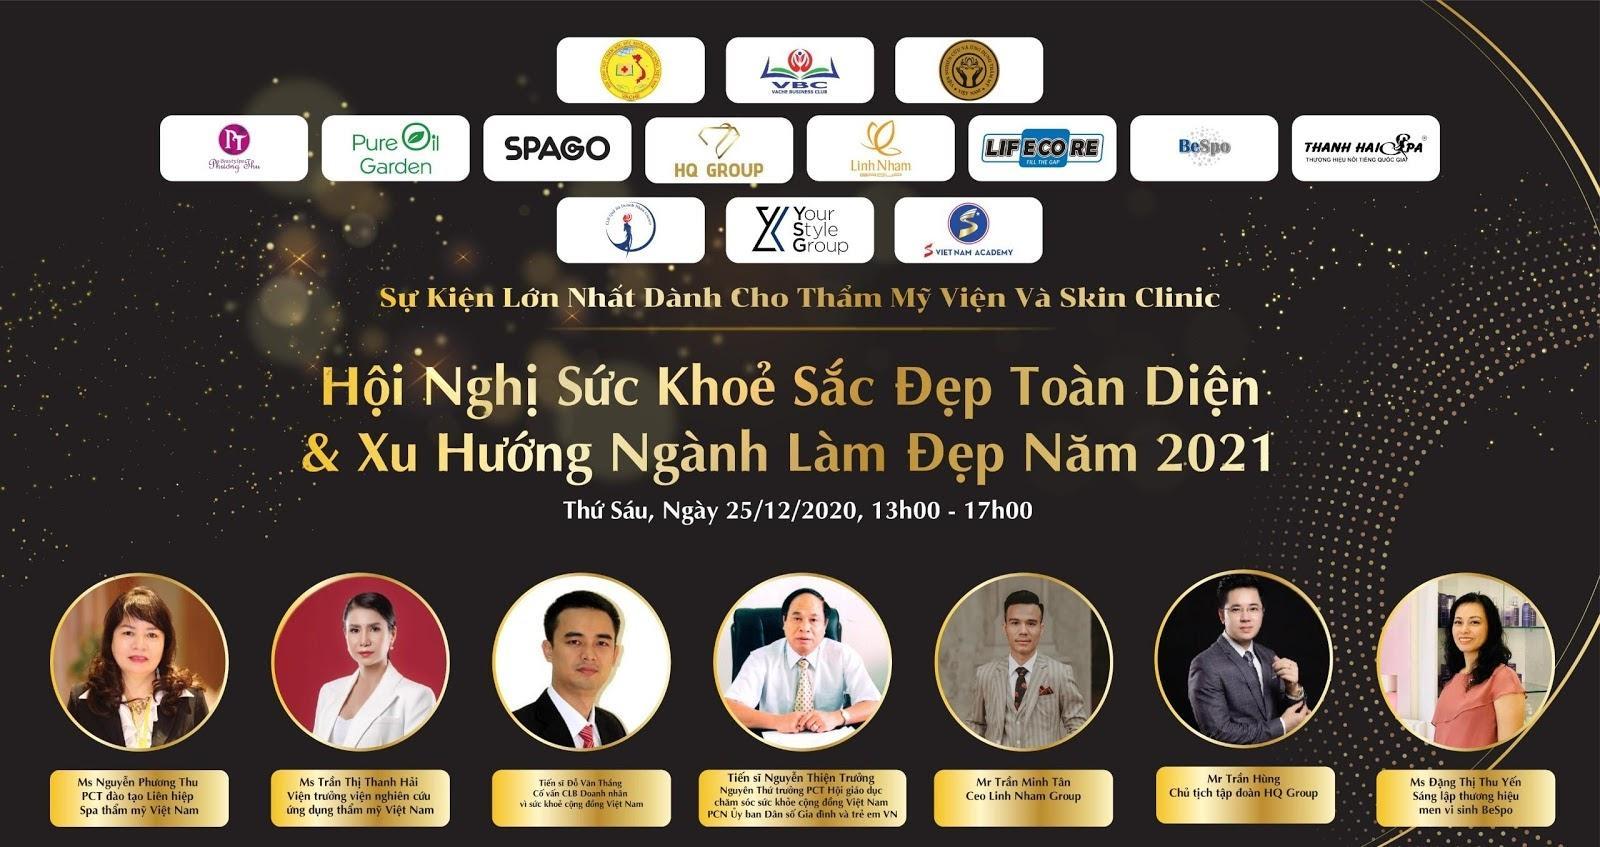 Ông Nguyễn Nam Hoàn Tập đoàn Lifecore Việt Nam - Phó Ban tổ chức Hội nghị sức khỏe sắc đẹp toàn diện và xu hướng ngành làm đẹp 2021 - Ảnh 3